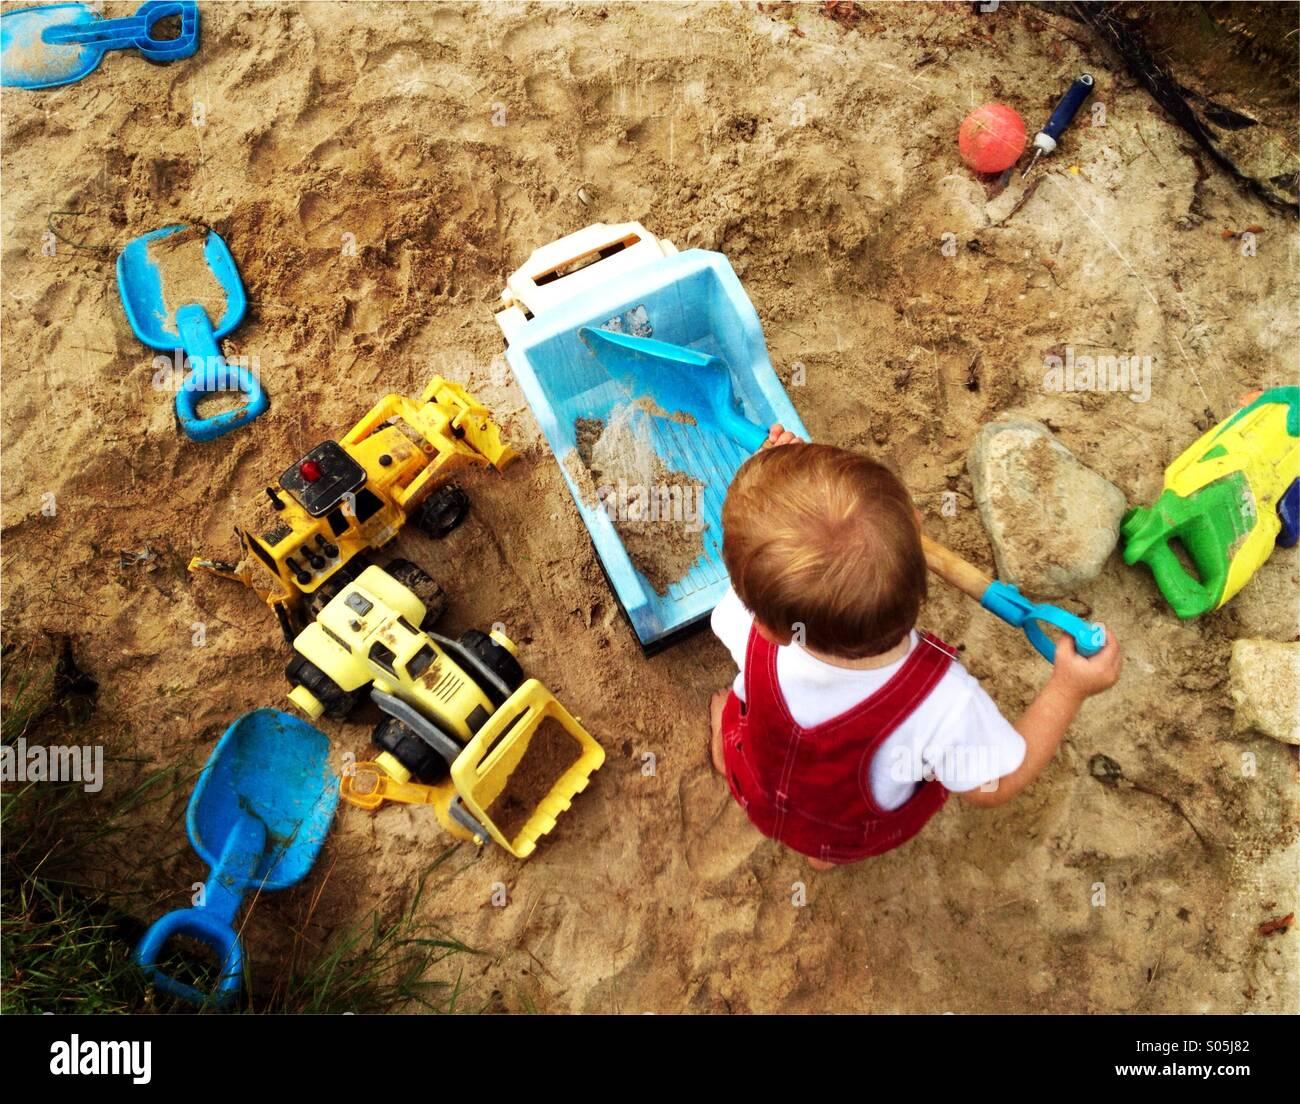 Niño niño juega con una pala y camiones en un gran recinto. Imagen De Stock